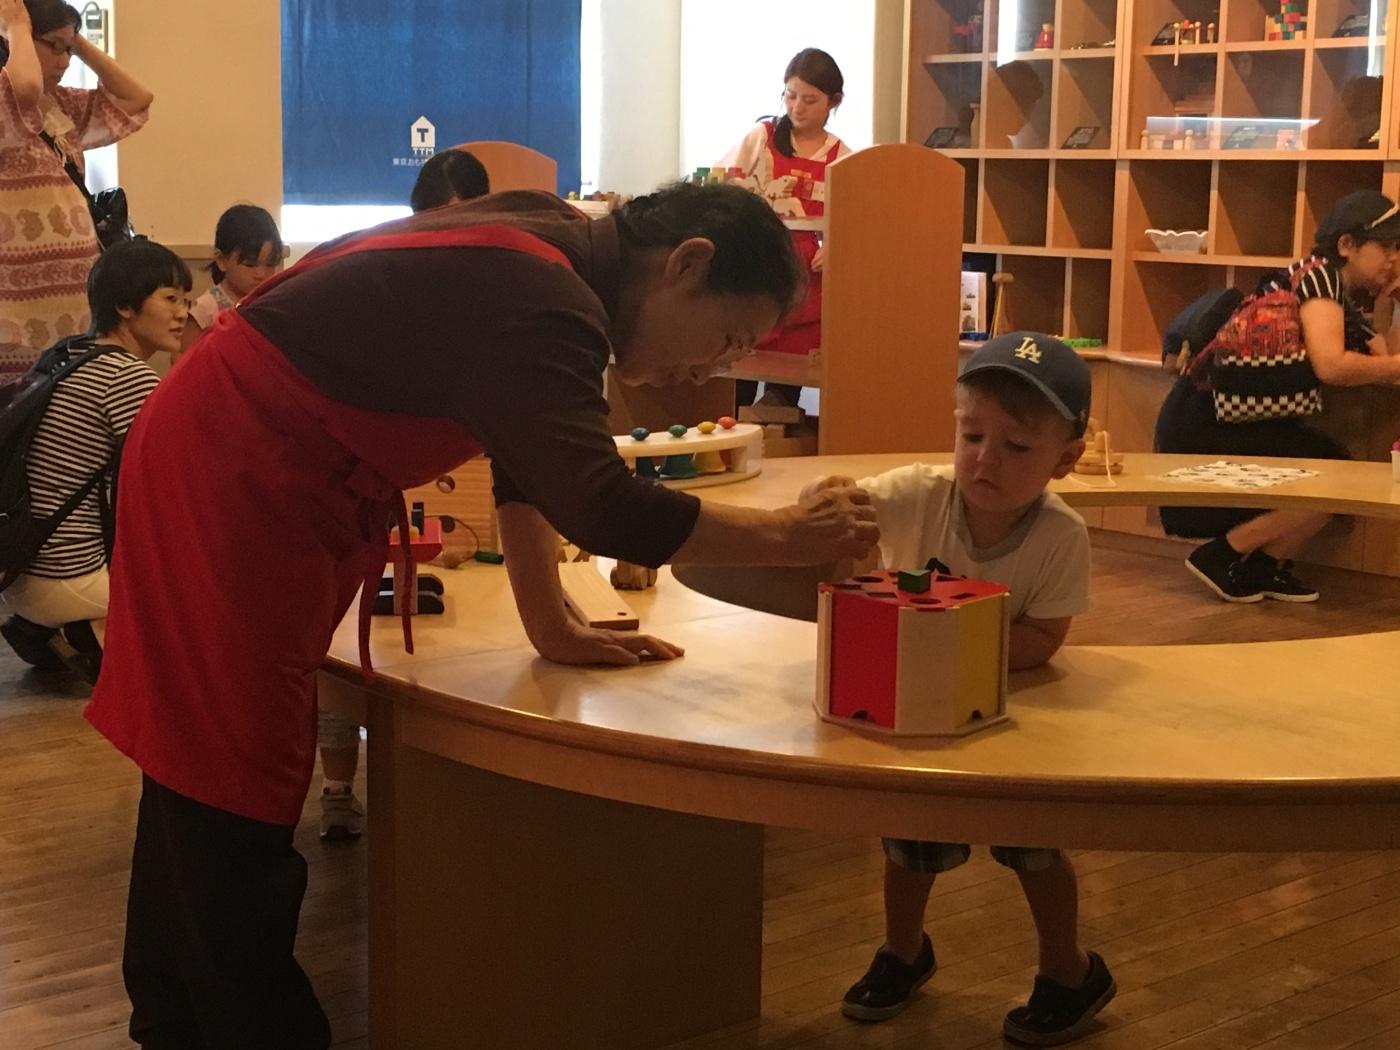 kids activities tokyo